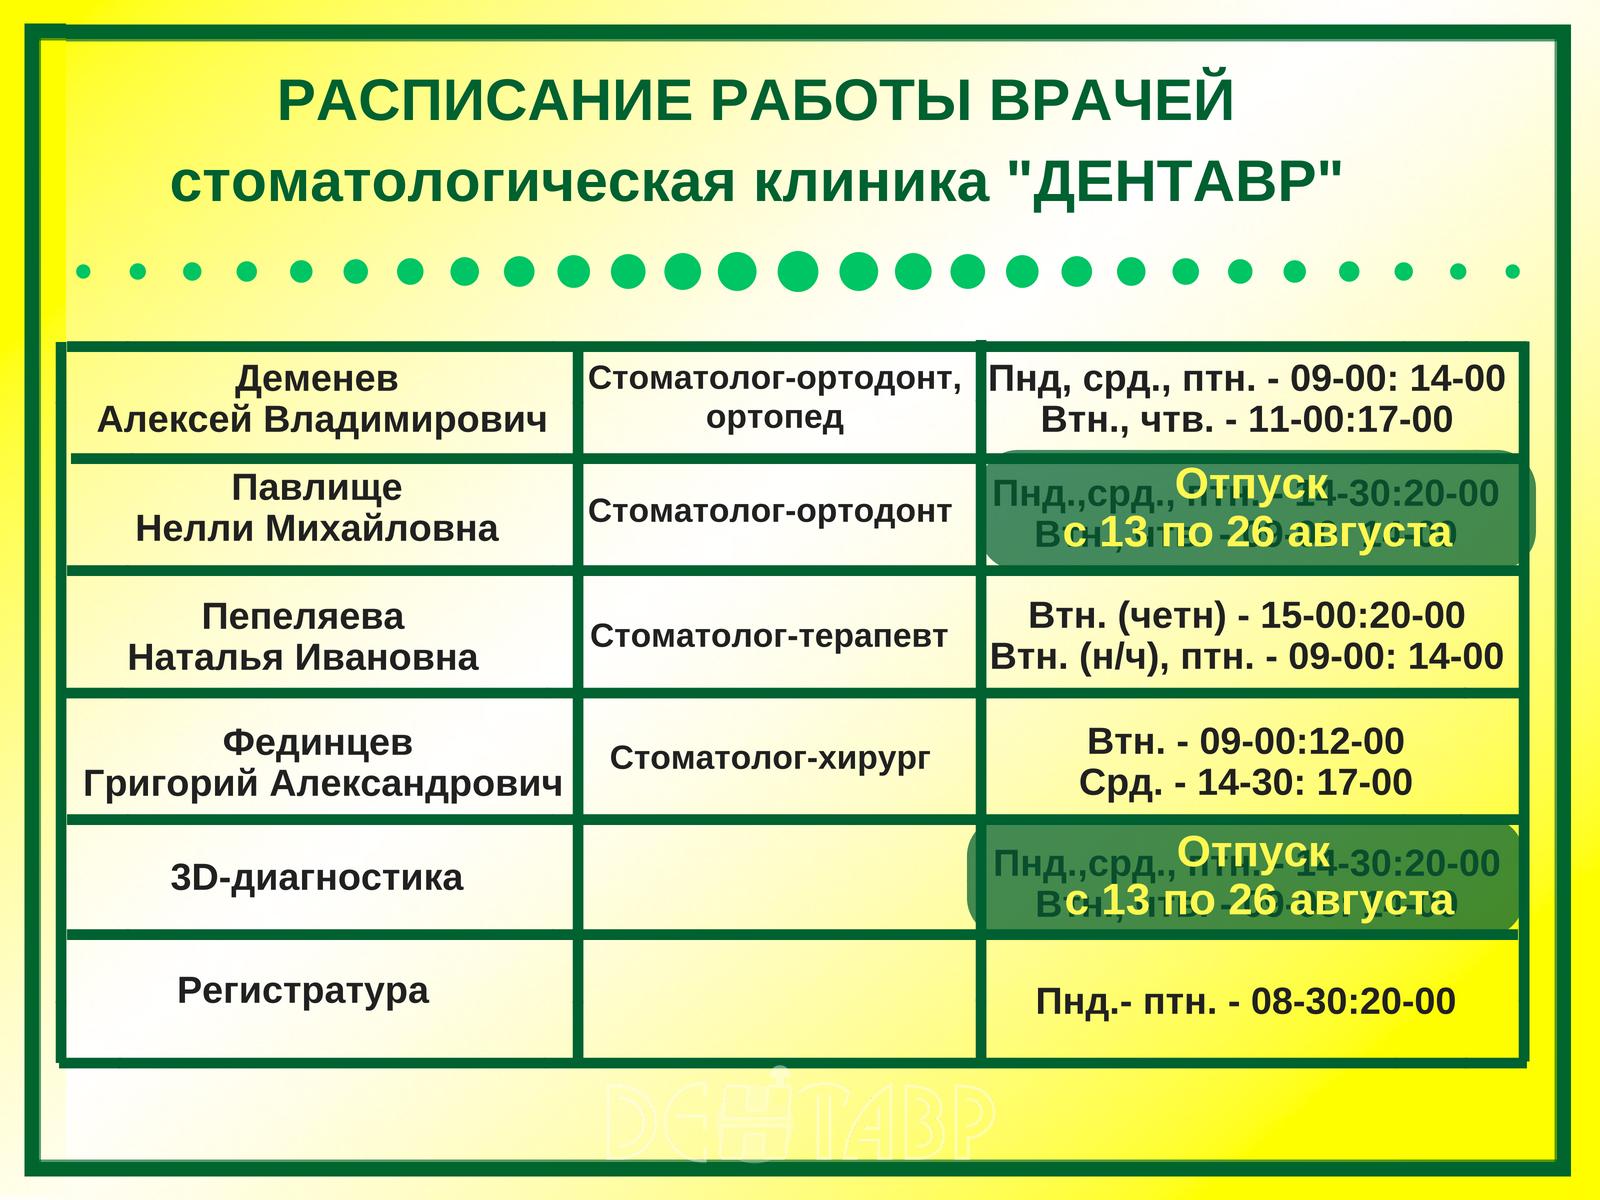 raspisanie-rabotyi-vrachey-2